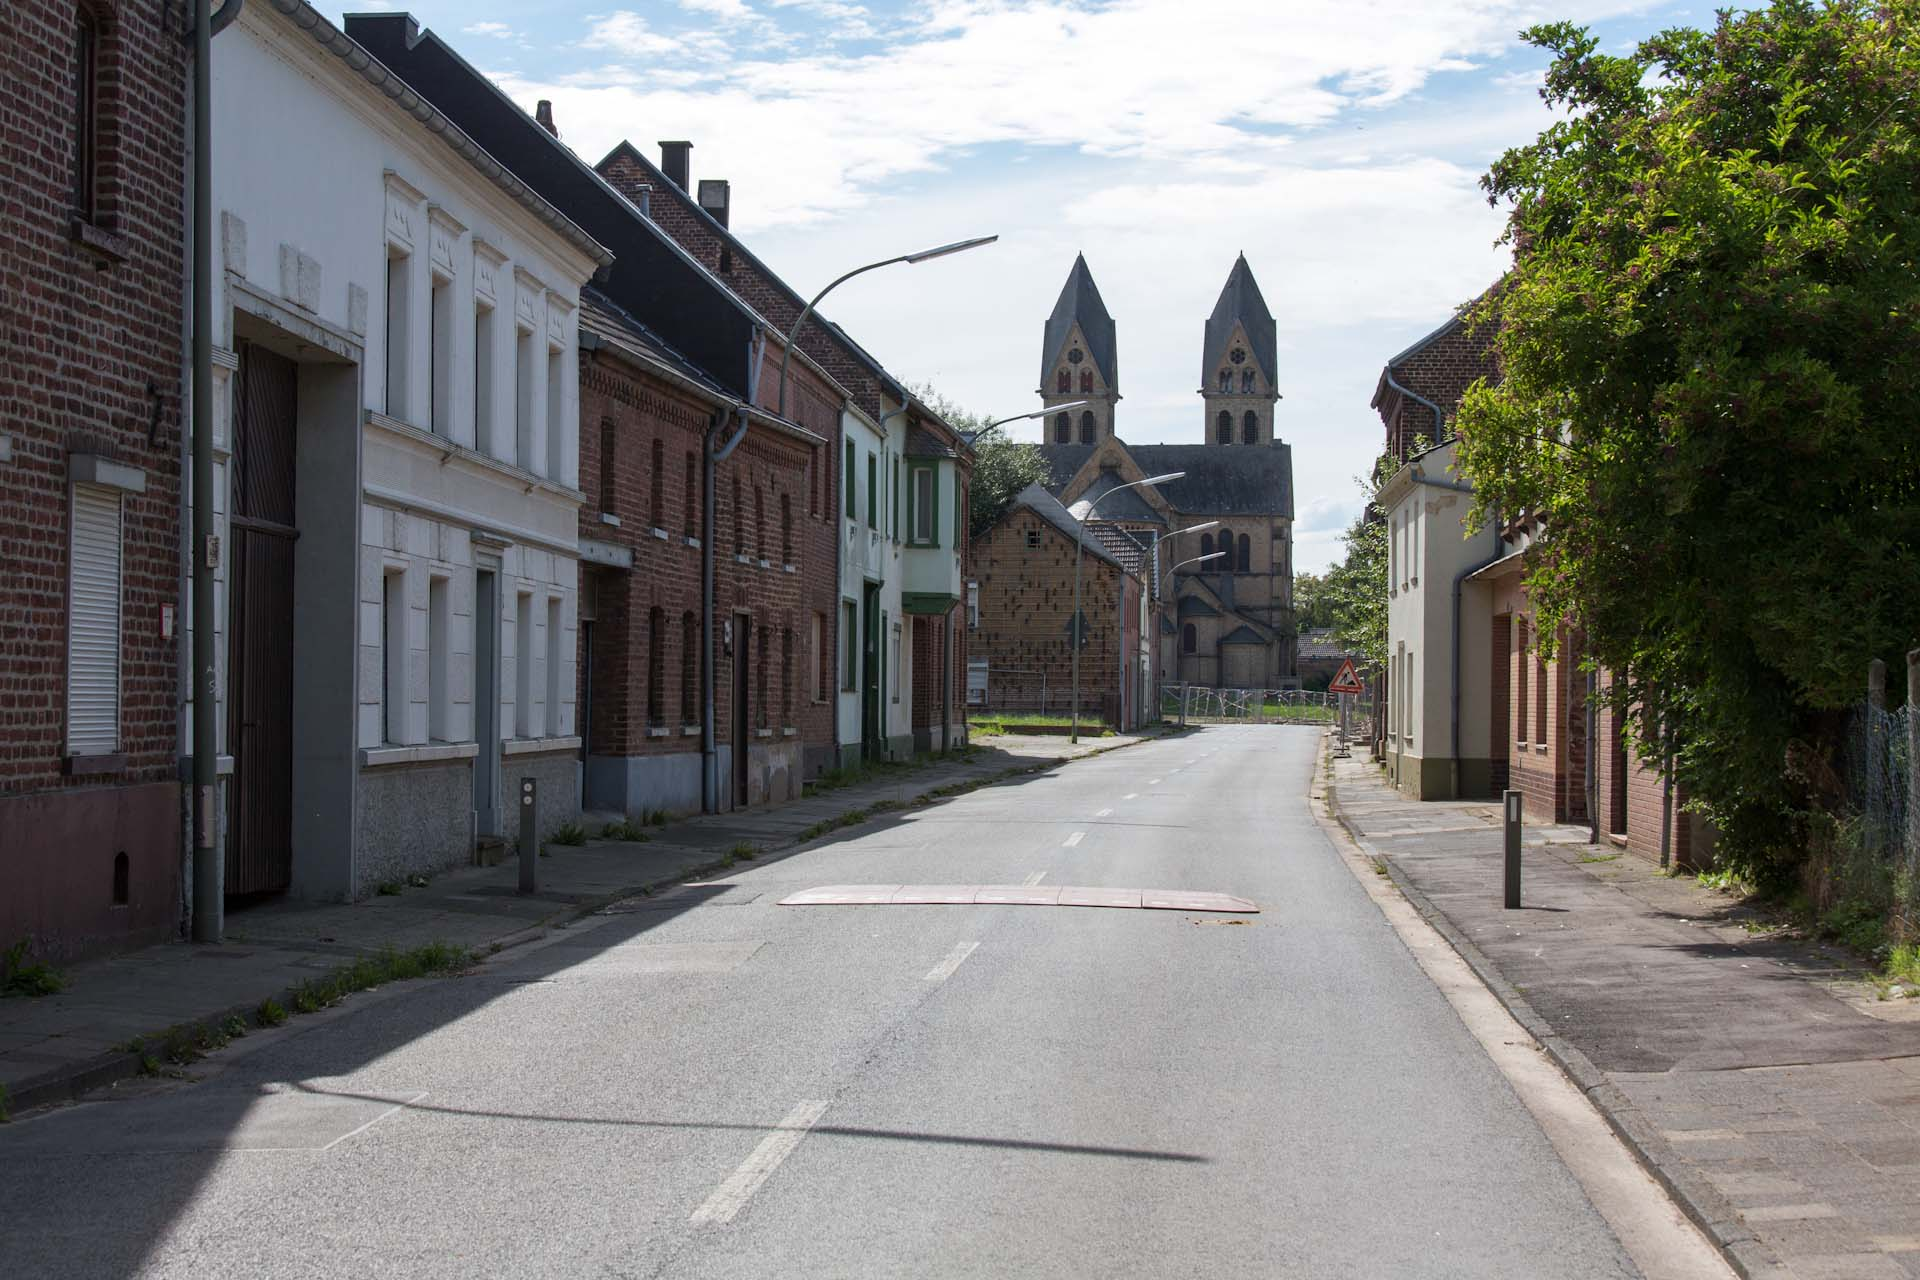 Das sterbende Dorf Immerath liegt im geplanten Braunkohletagebau Garzweiler II unmittelbar neben Garzweiler I der RWE und wird deshalb seit 2006 umgesiedelt. Große Teile des Dorfes sind bereits abgerissen worden.